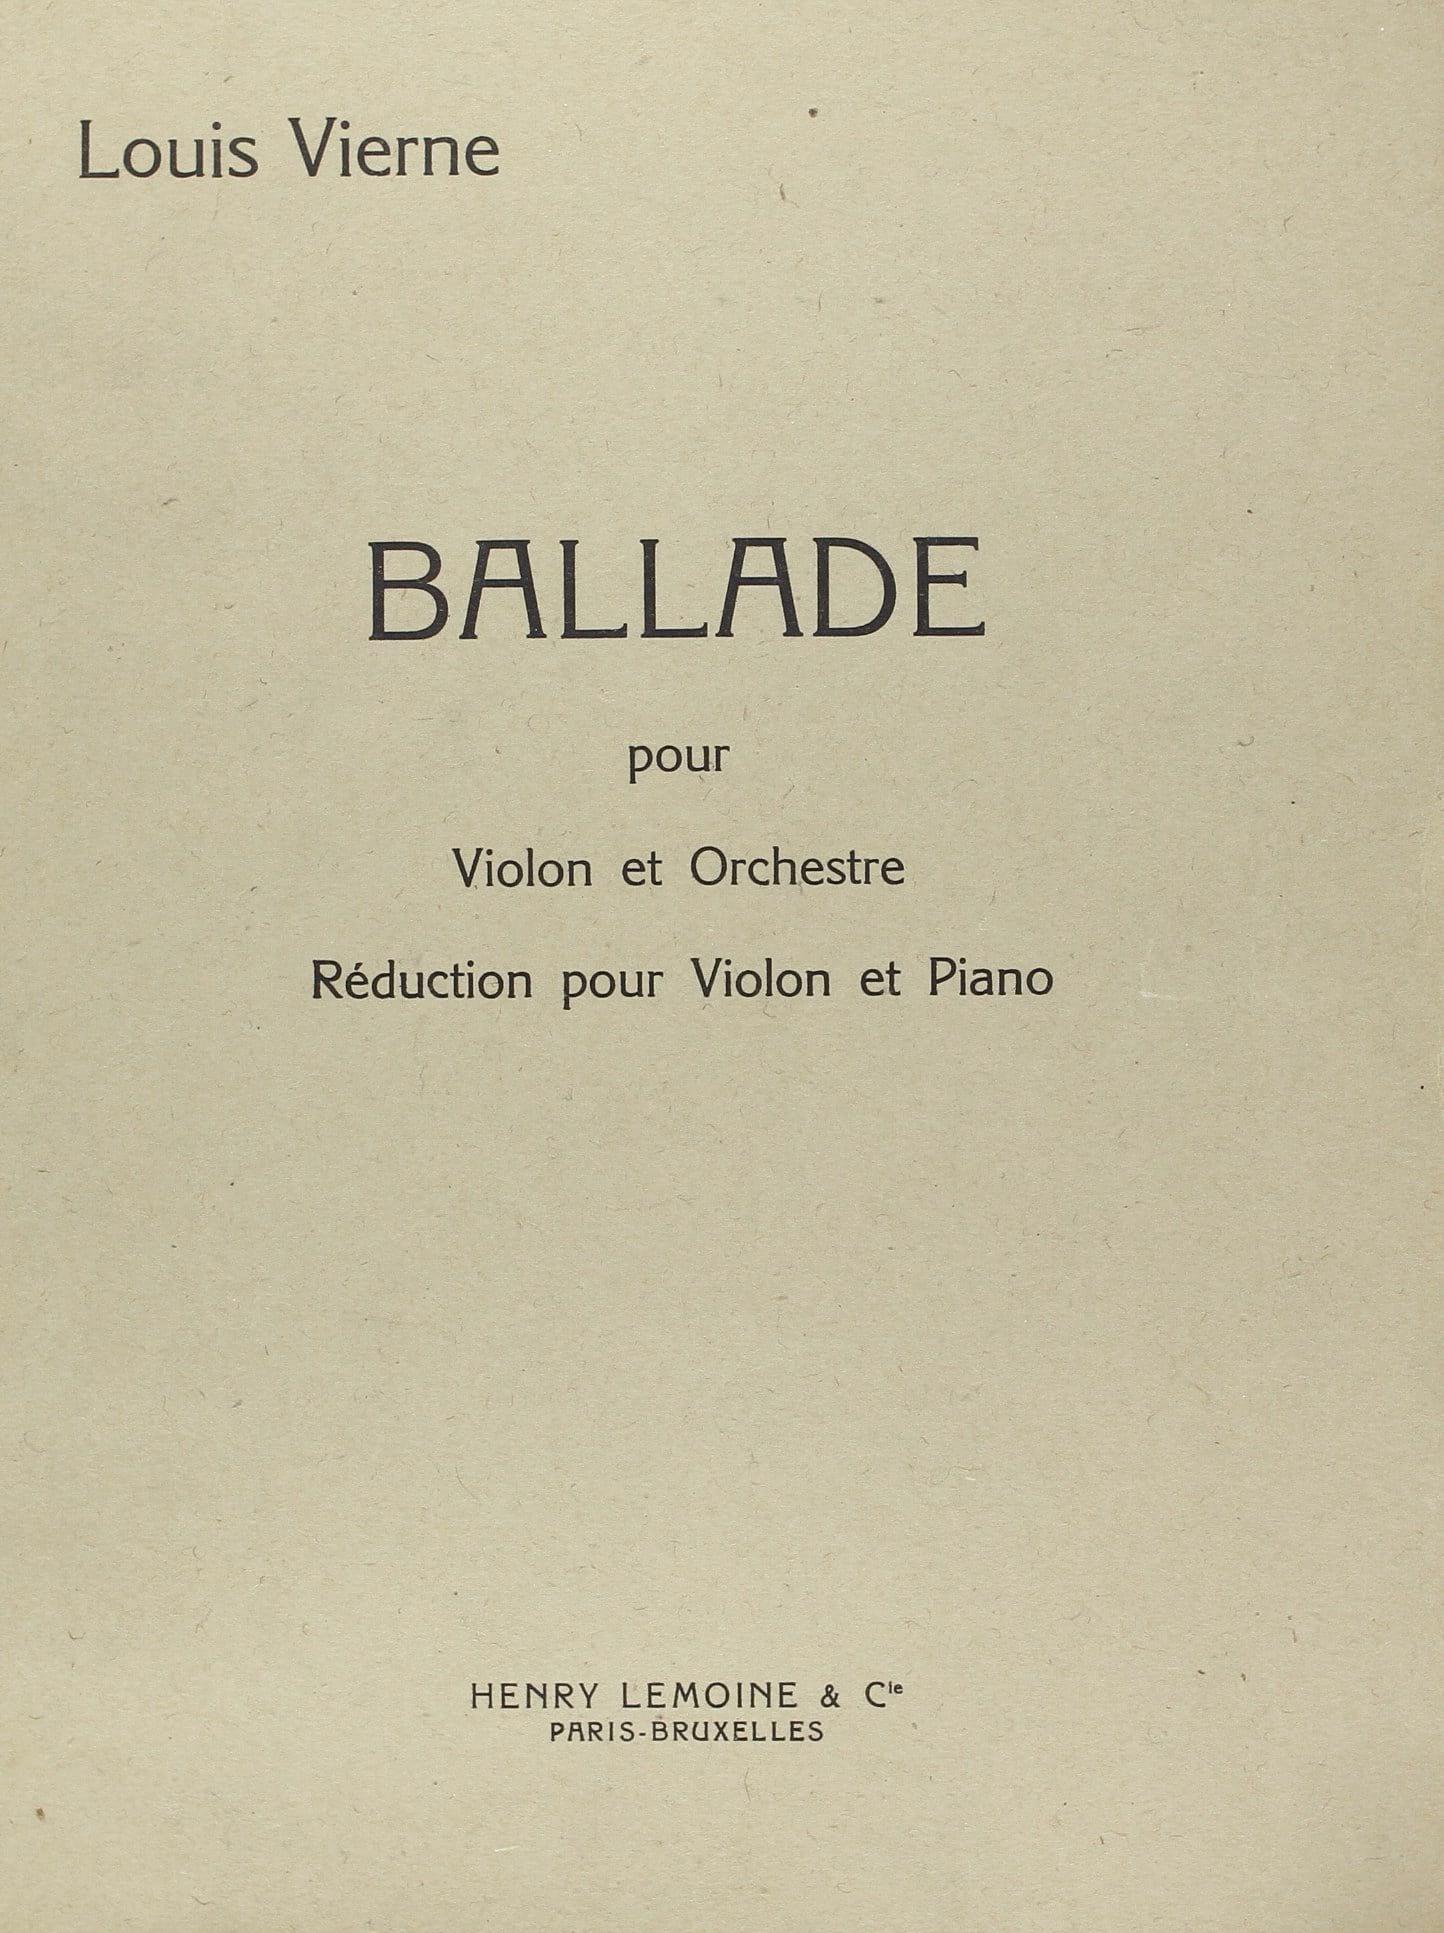 Ballade op. 52 - VIERNE - Partition - Violon - laflutedepan.com